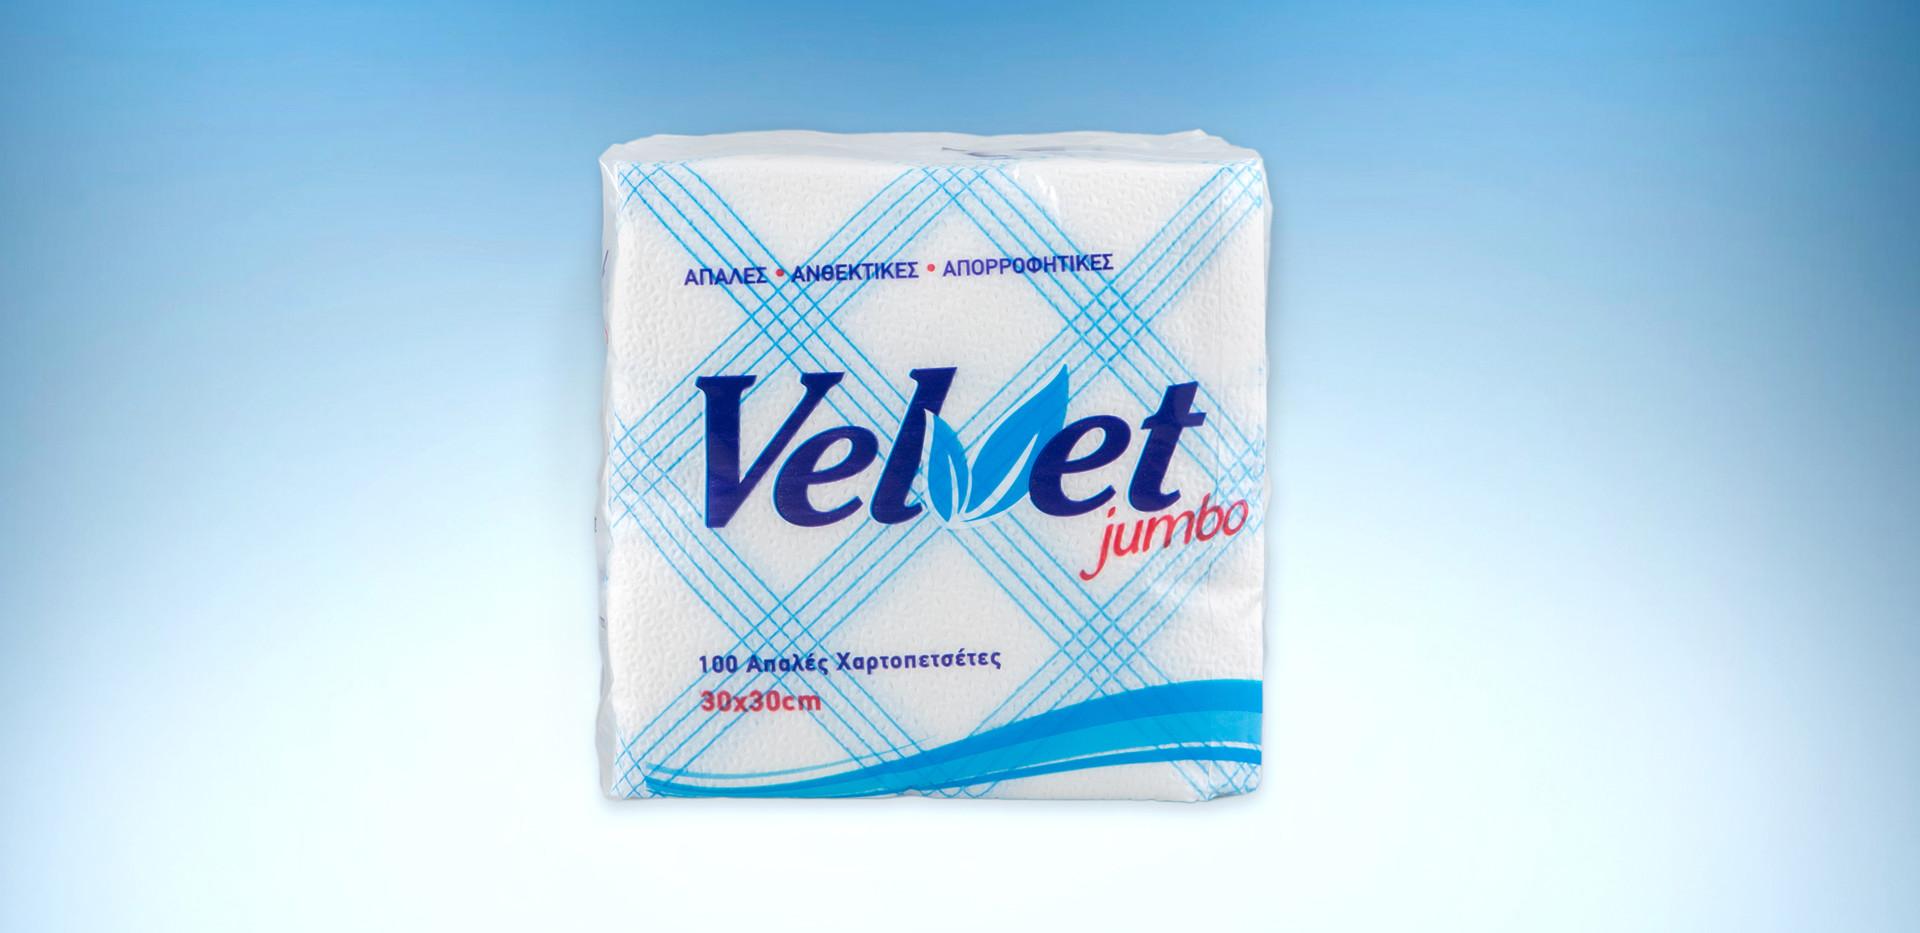 Velvet jumbo blue checkered napkins 153gr